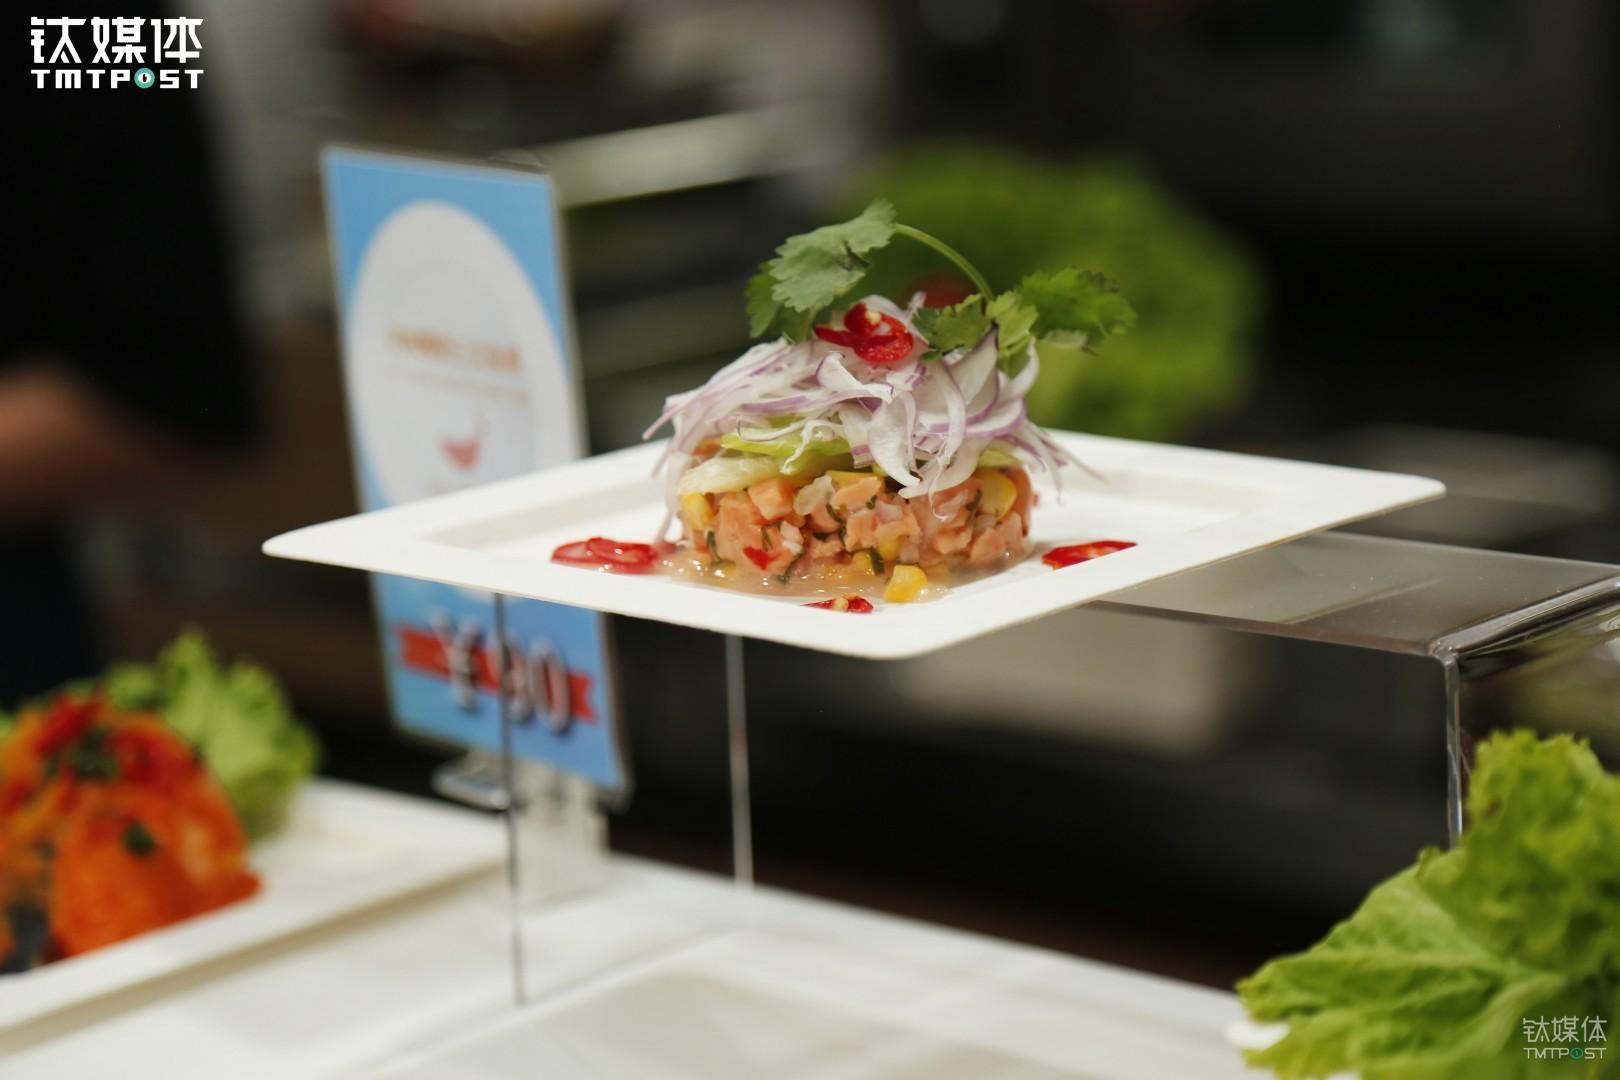 Superme Salmon是全球最大的三文鱼供应商美威旗下的主题餐厅,据说全世界每四条三文鱼就有一条来自美威。